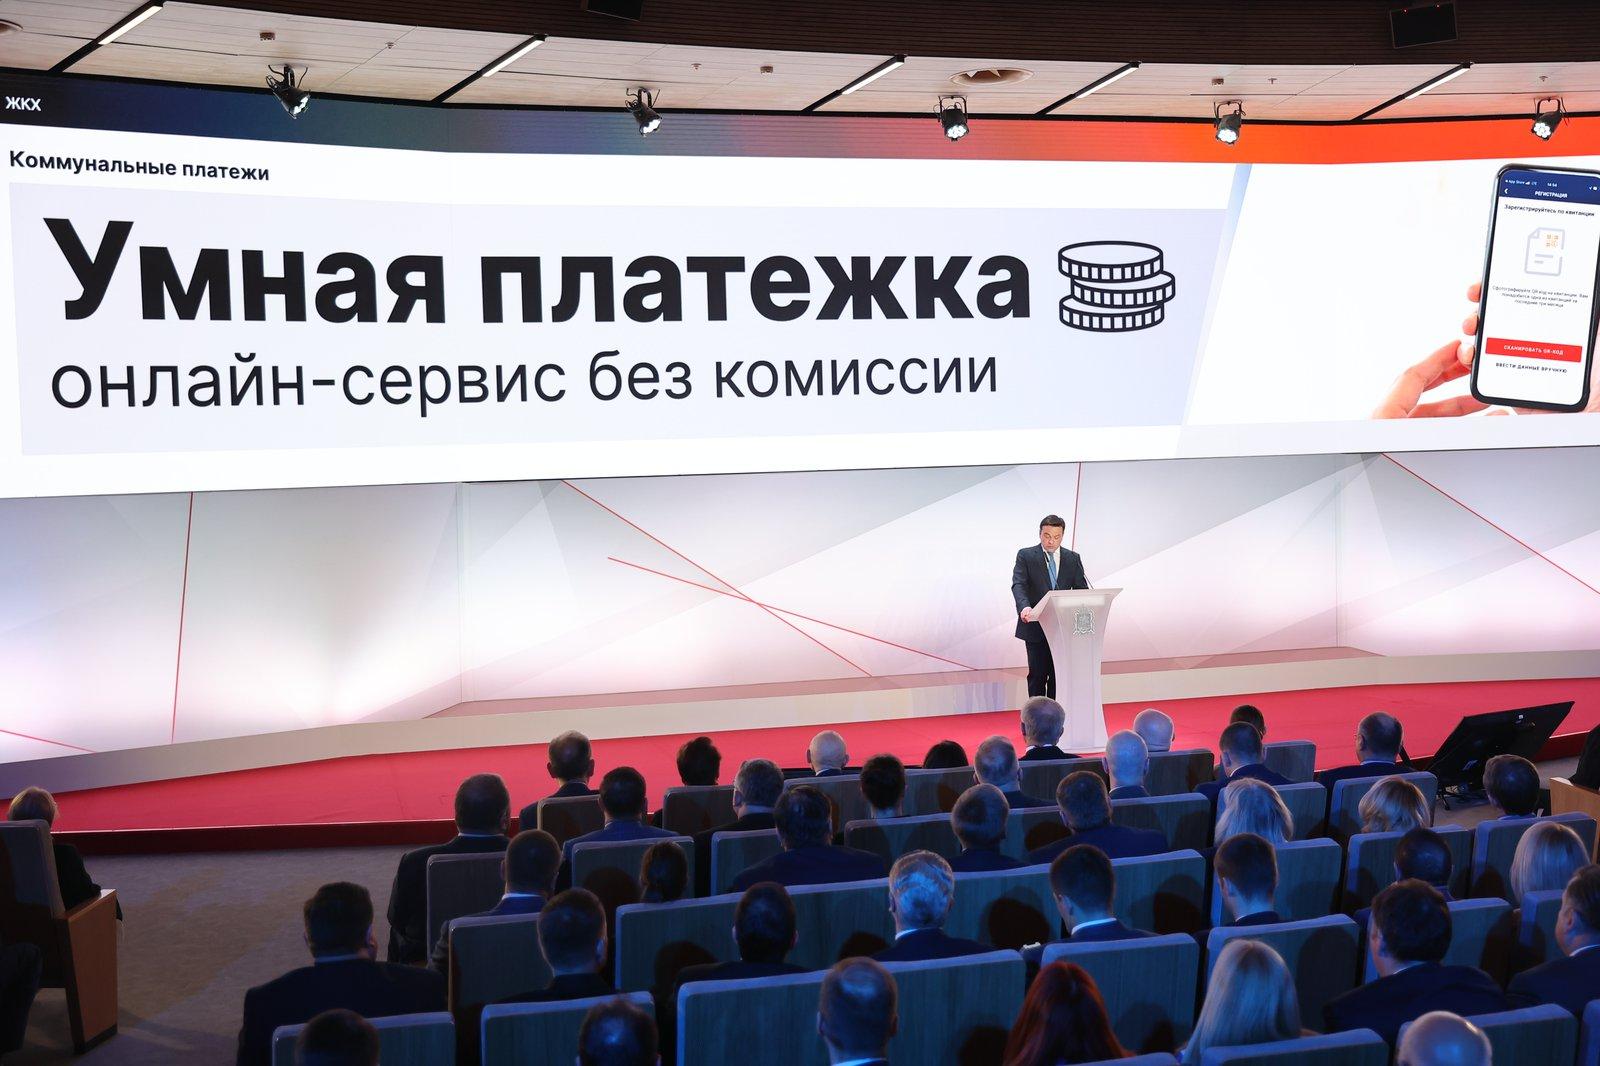 Андрей Воробьев губернатор московской области - Коммунальный бонус и умная платежки. Какие перемены ждут ЖКХ